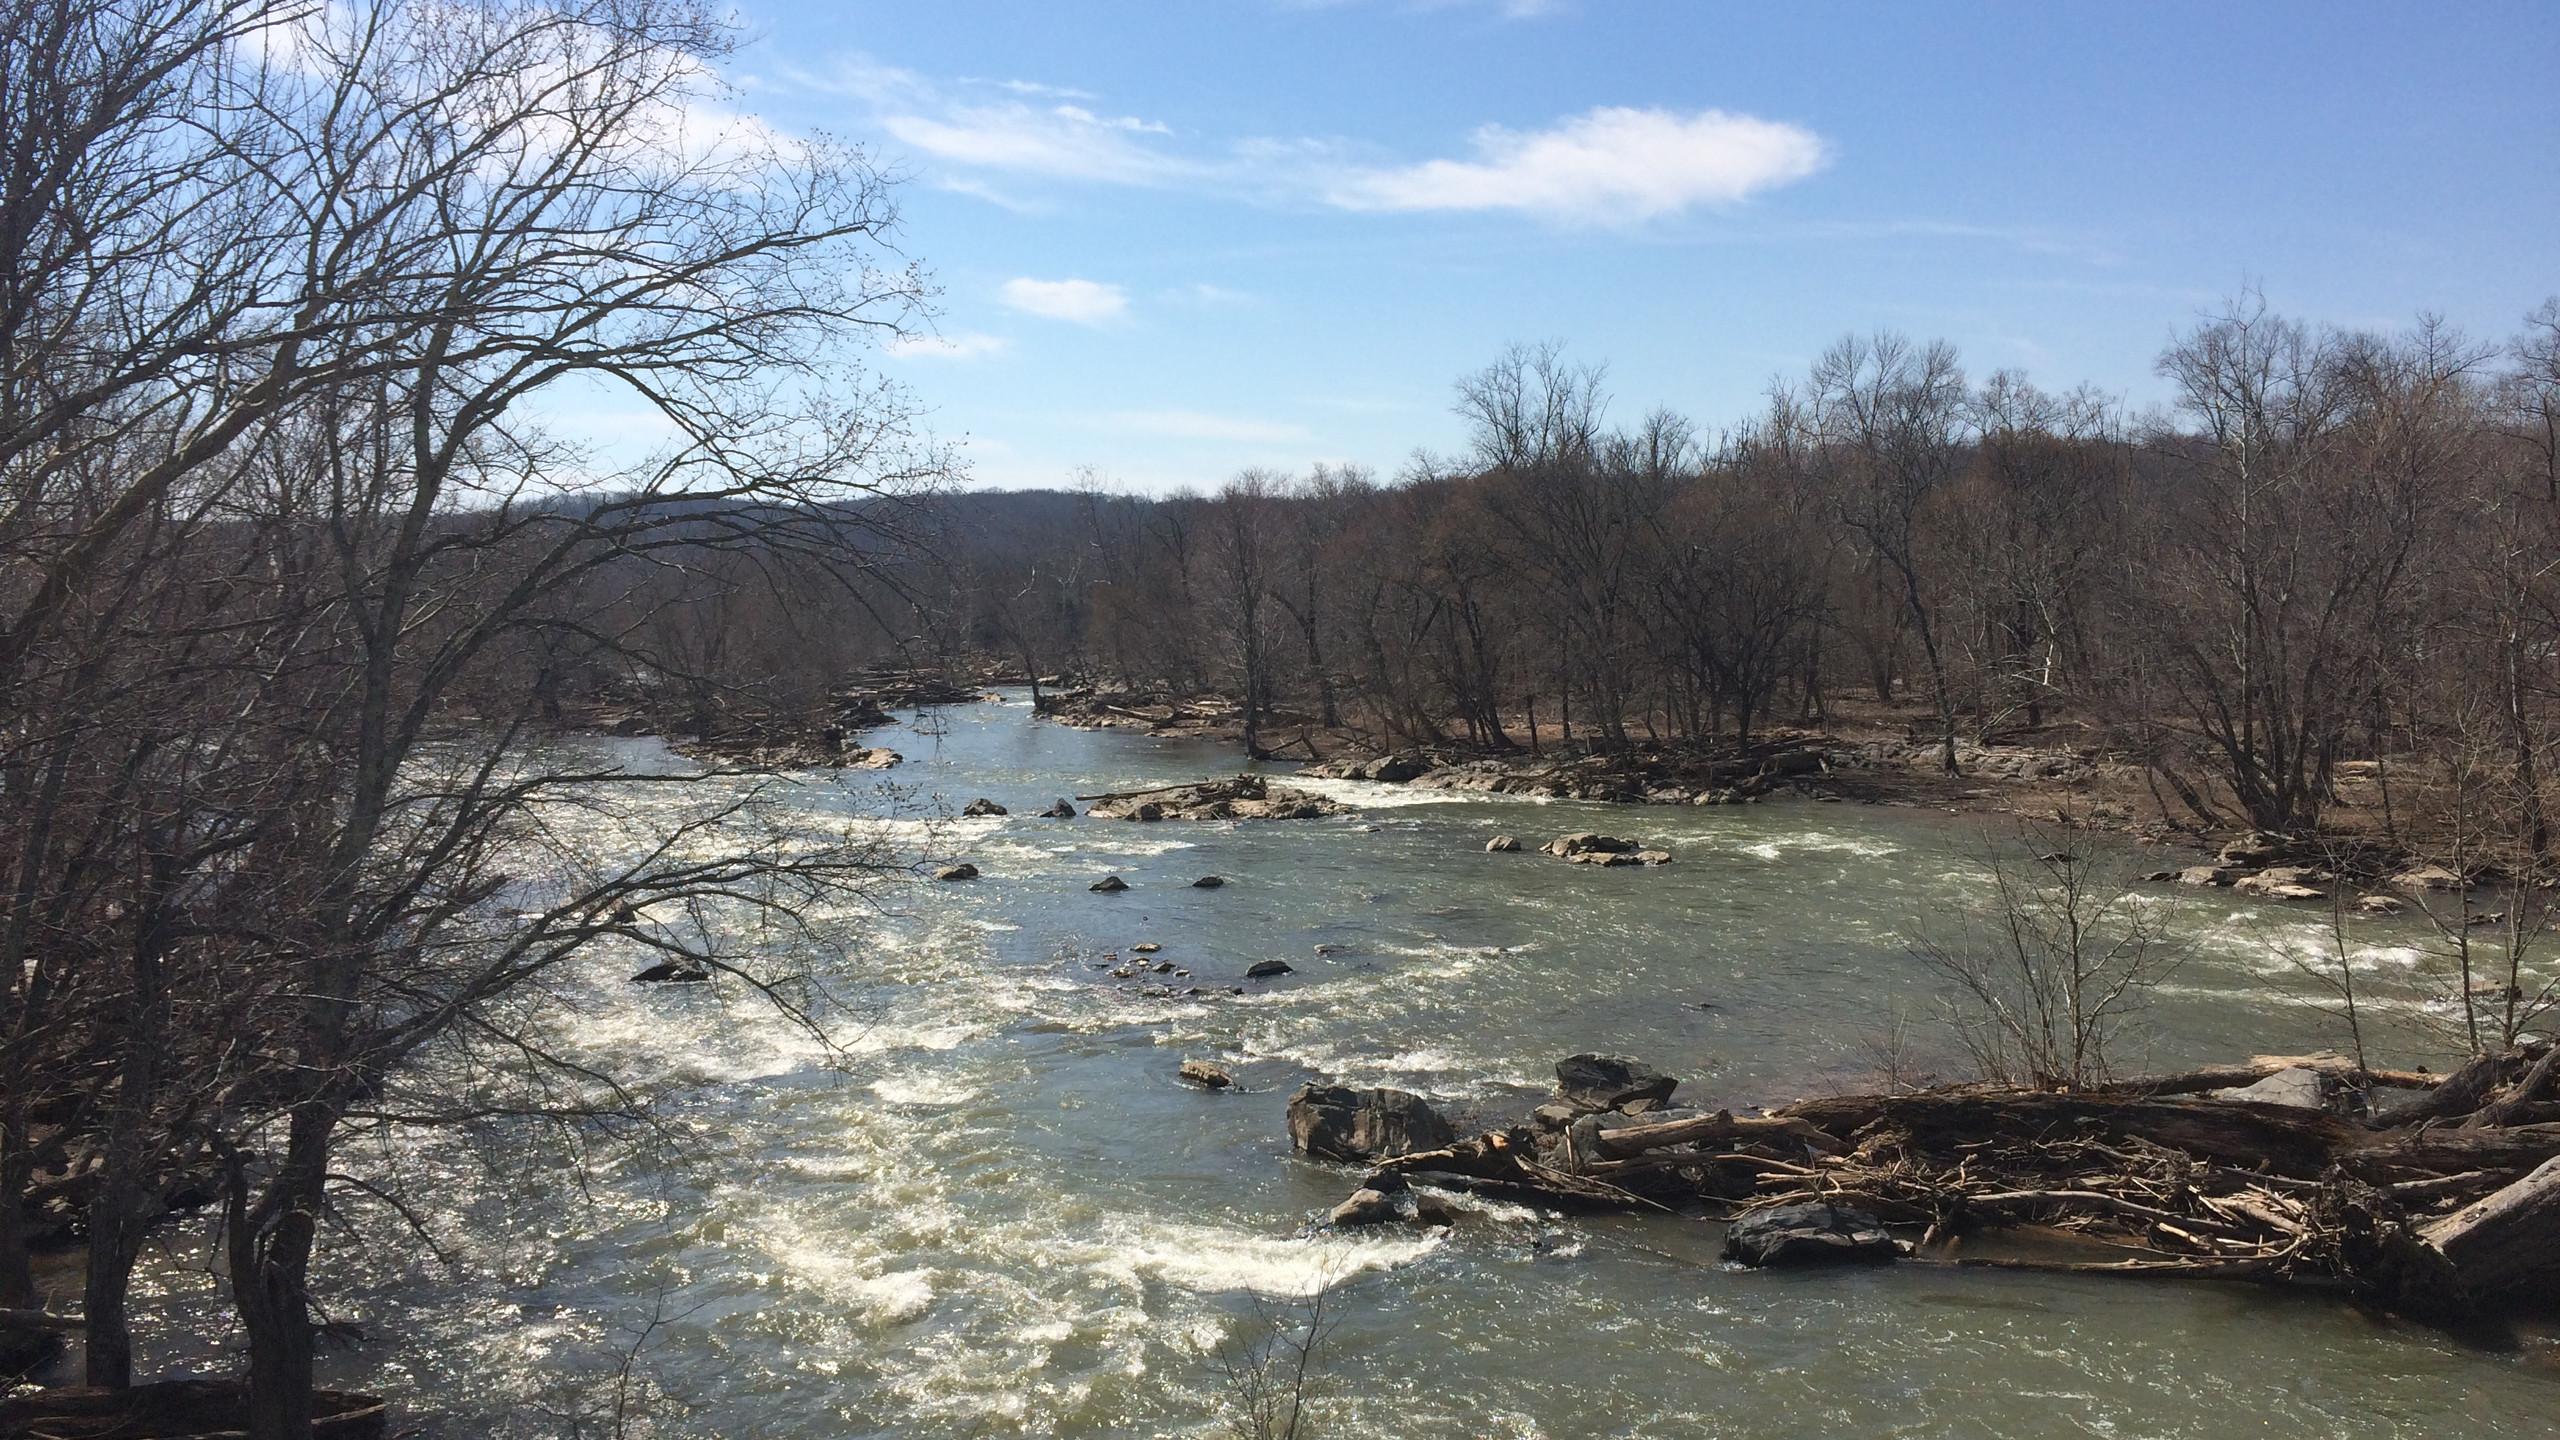 Rapids near Great Falls